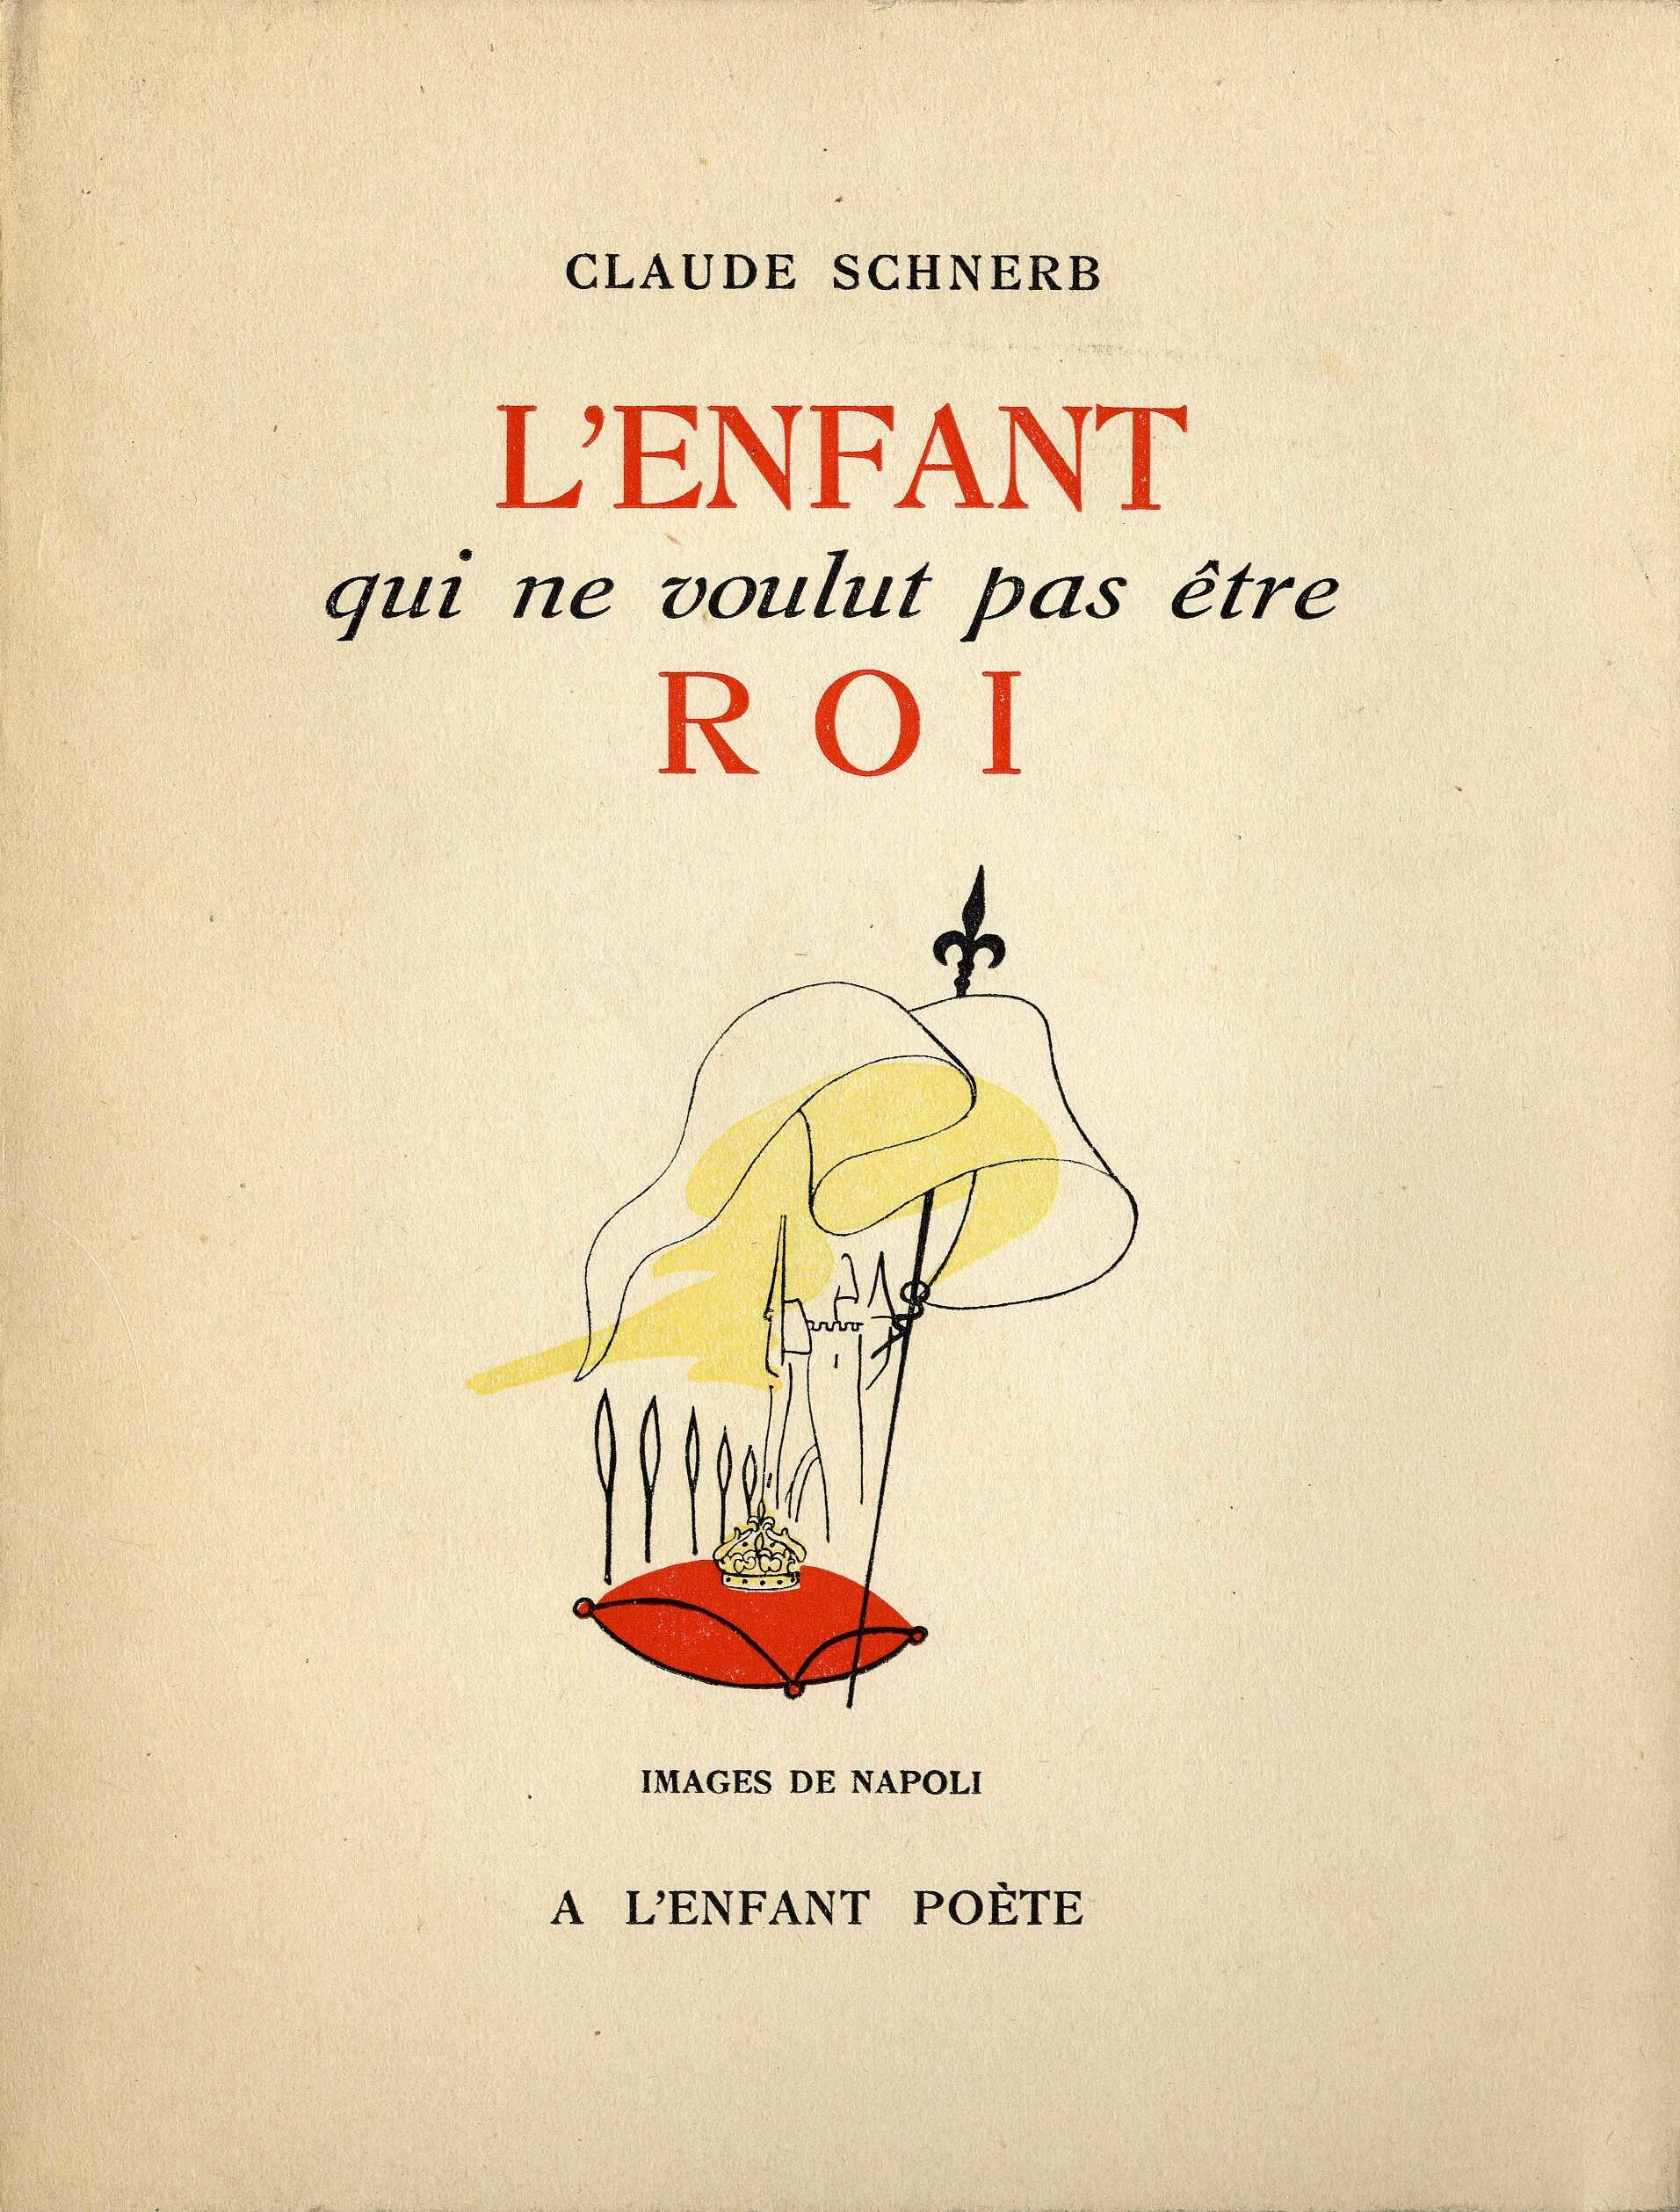 image for À l'enfant poète